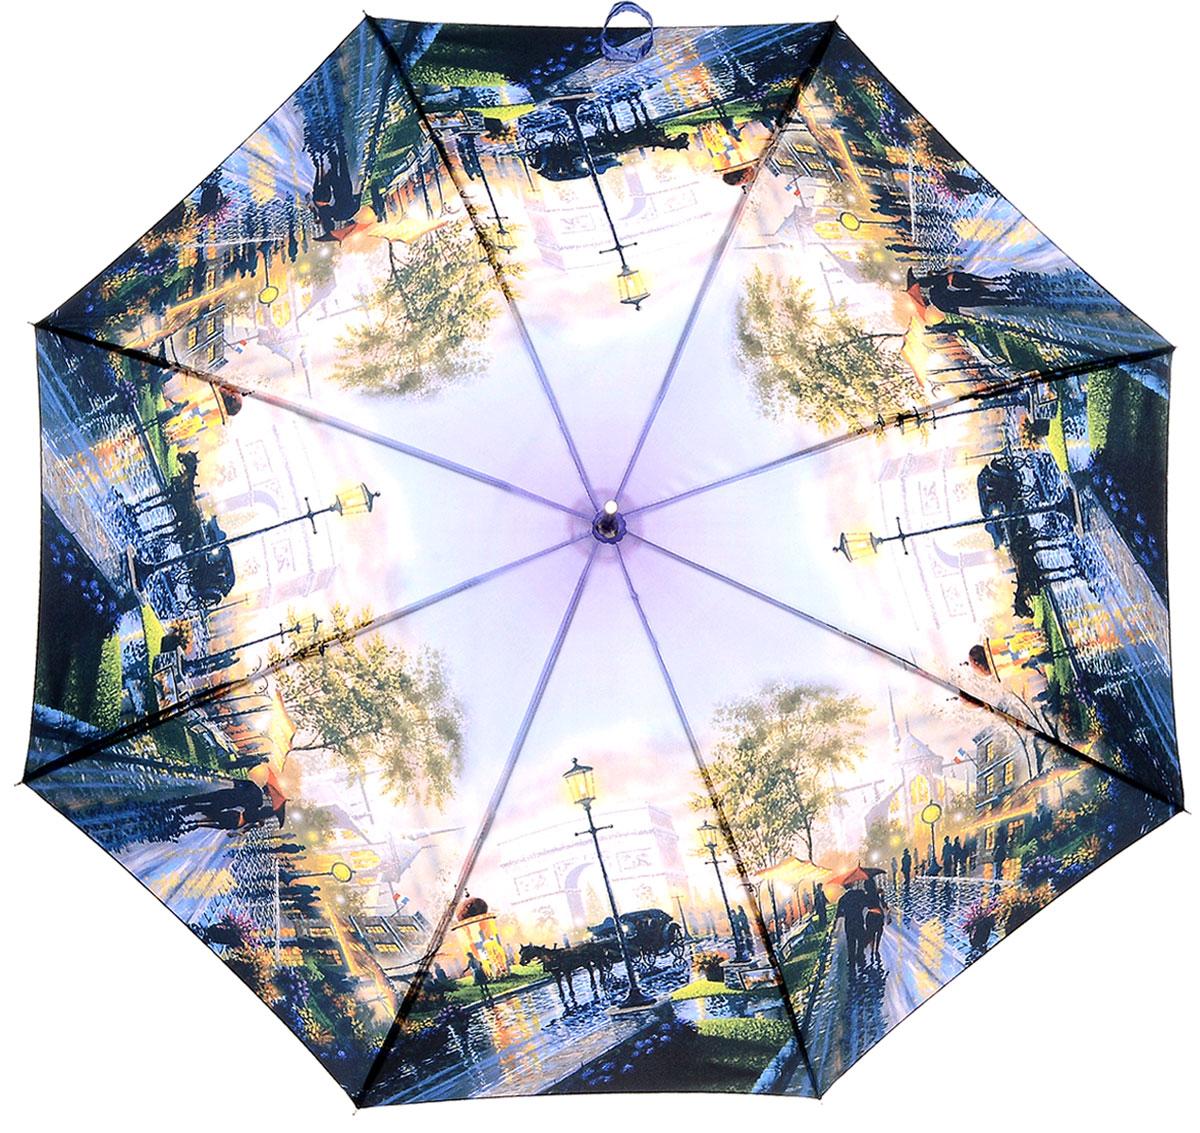 Зонт женский Эврика Париж, цвет: синий, сиреневый. 97502CX1516-50-10Большой полуавтоматический зонт-трость с изображением городского пейзажа – это стильный аксессуар, подходящий как дамам, так и джентльменам. Знаменитые виды Парижа, запечатленные талантливой рукой художника-декоратора, принесут толику романтики и хорошего настроения даже в ненастную погоду. Качественный материал купола с влагоотталкивающей пропиткой спасёт от ливня, а крепкие спицы не поддадутся упрямому ветру.